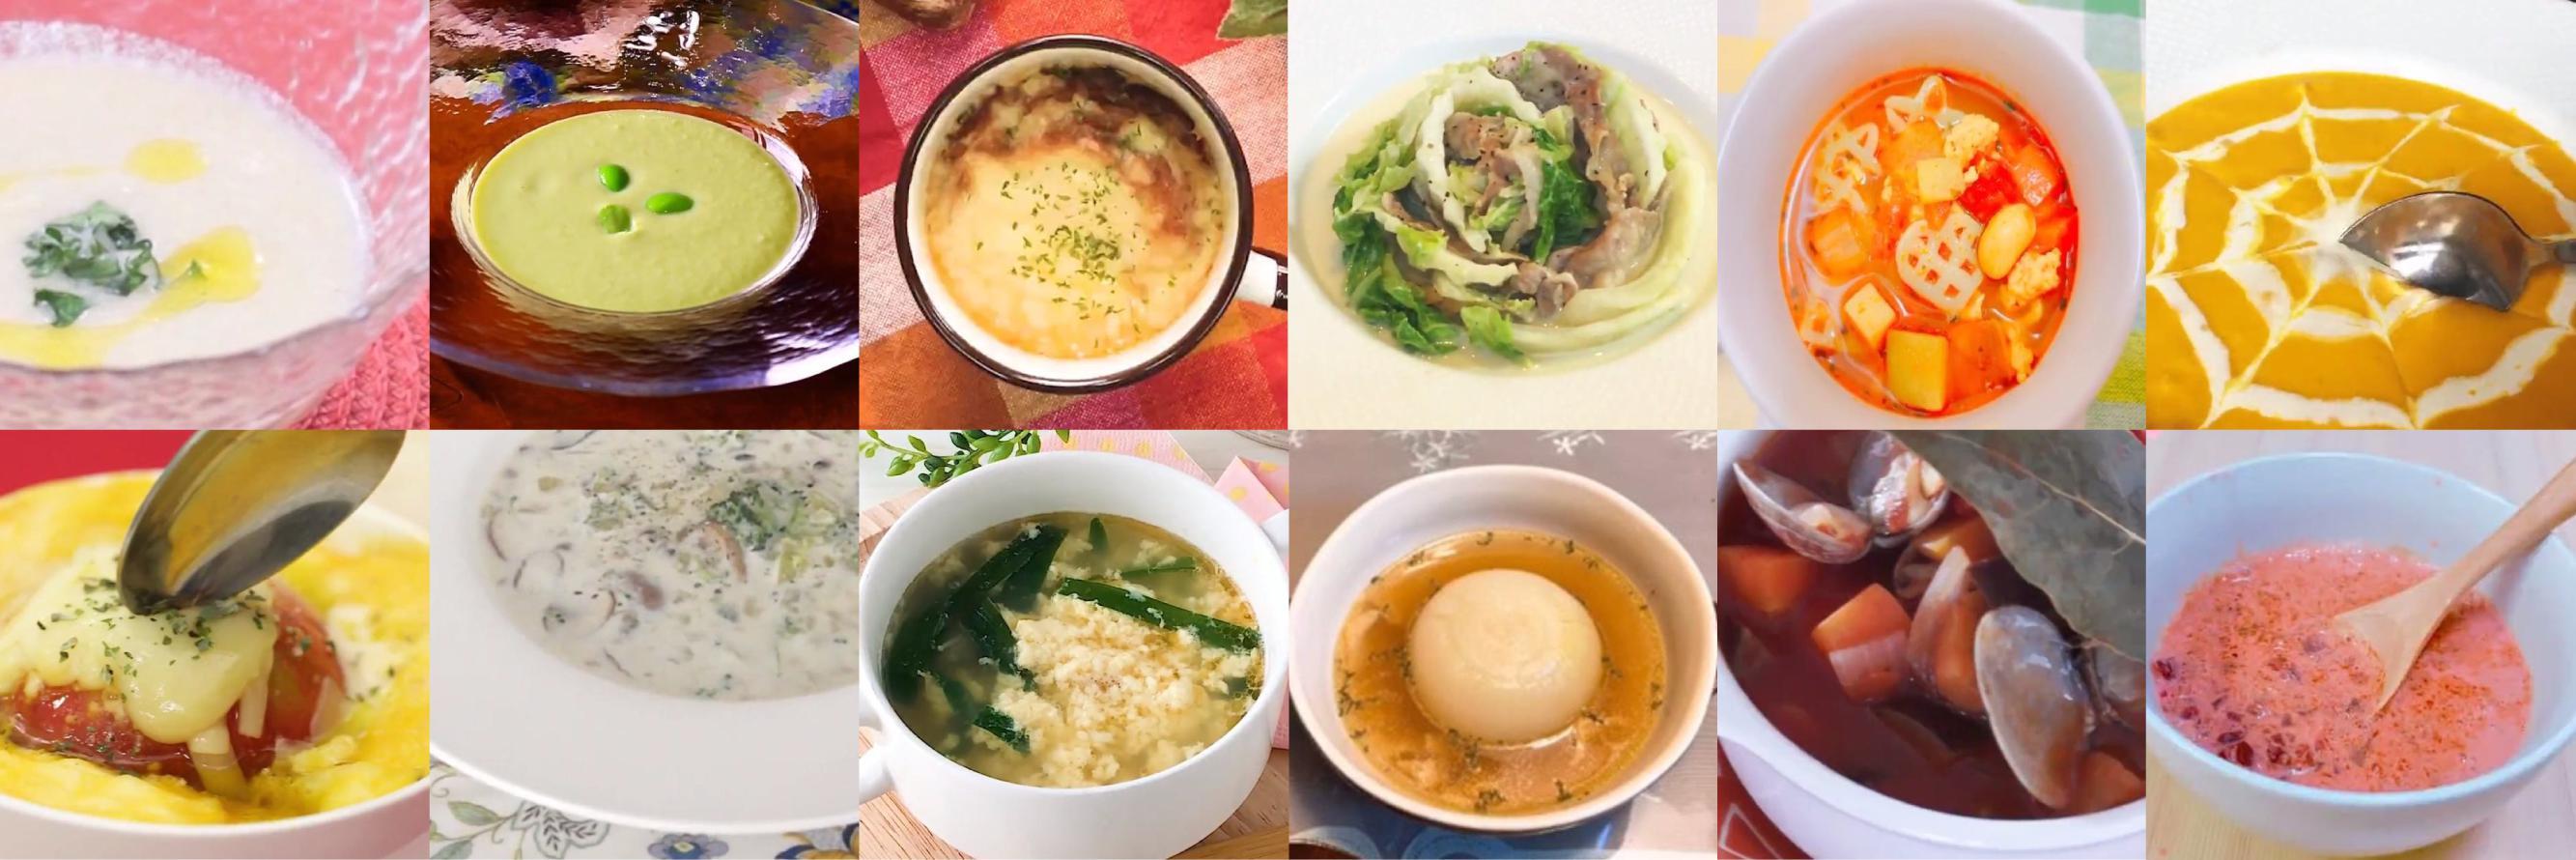 =【野菜活用】簡単なスープレシピ14選!栄養満点ヘルシースープでほっこり♡